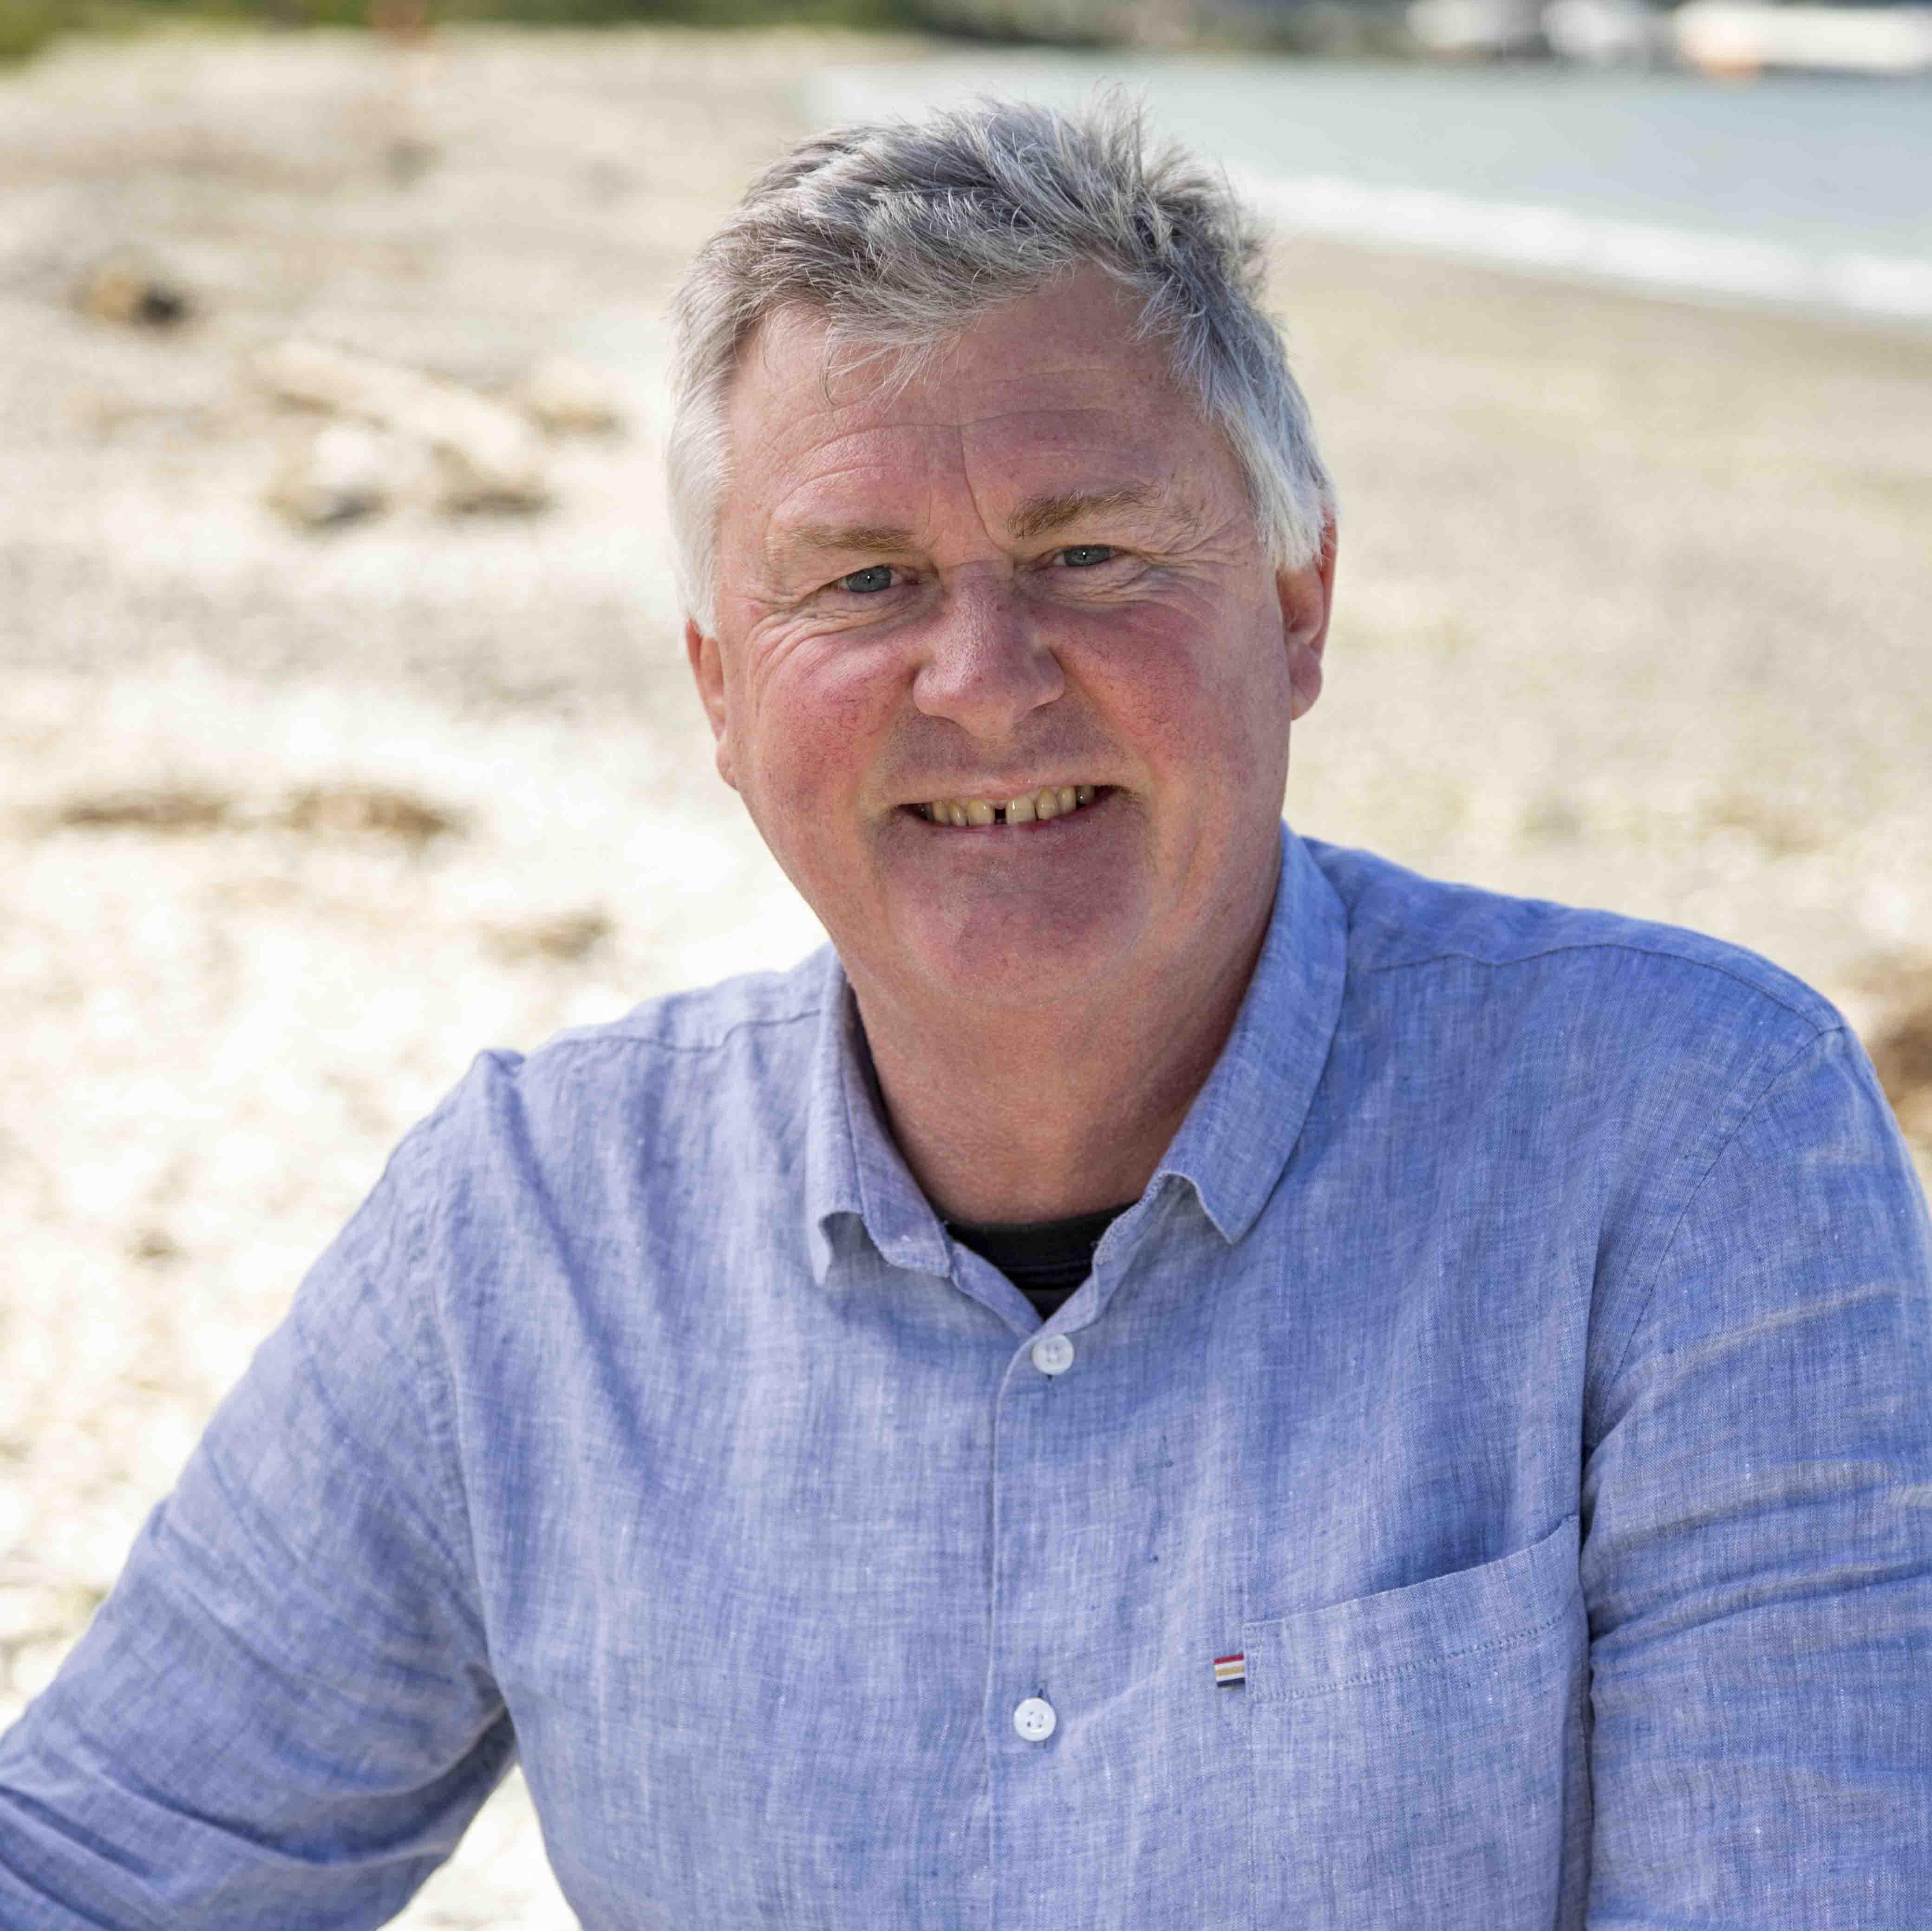 Dave Harrey